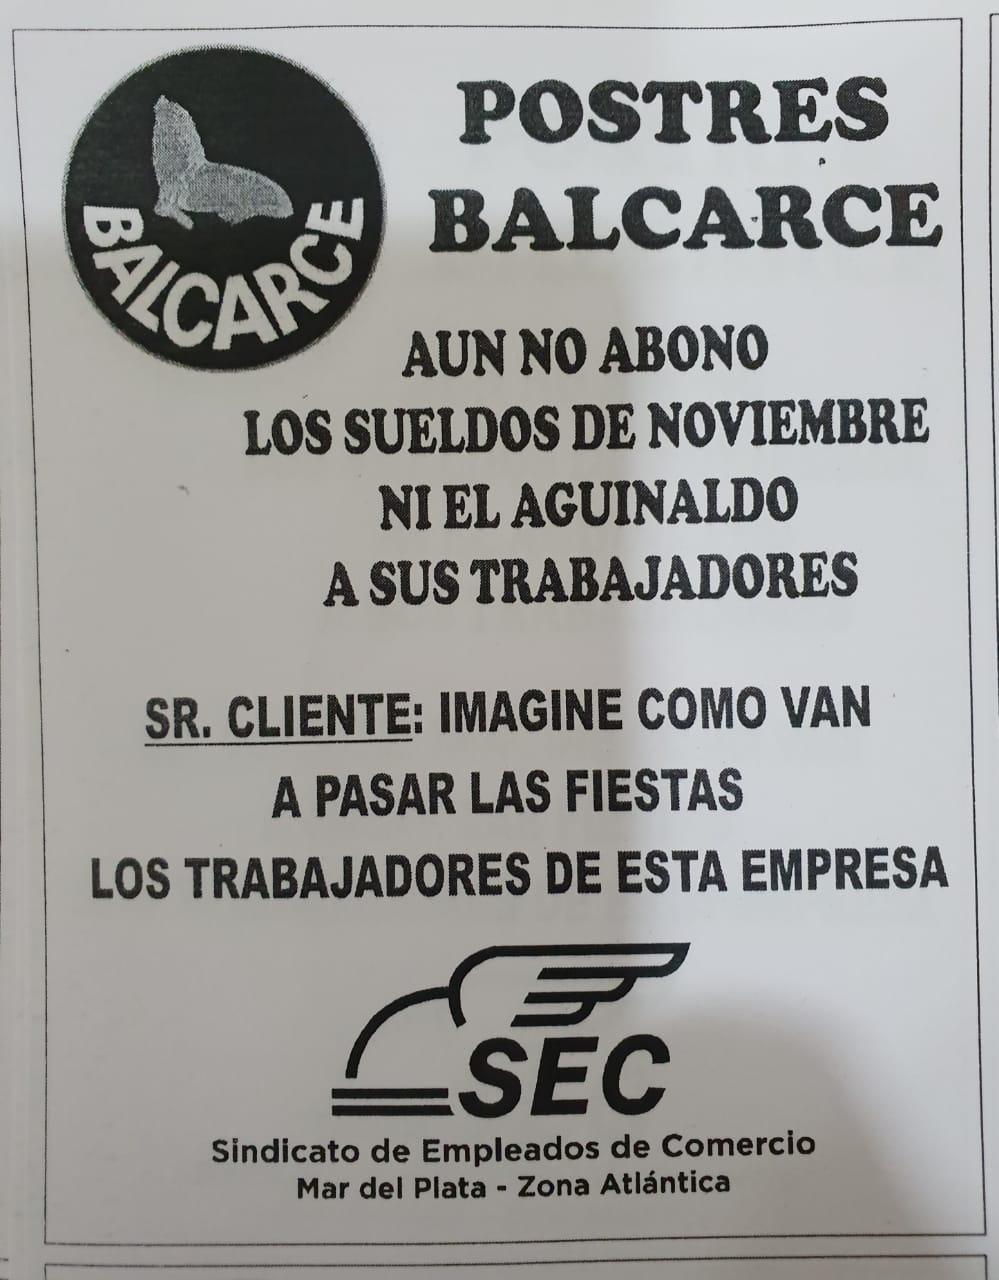 Postres Balcarce: empleados no cobraron sueldos ni medio aguinaldo